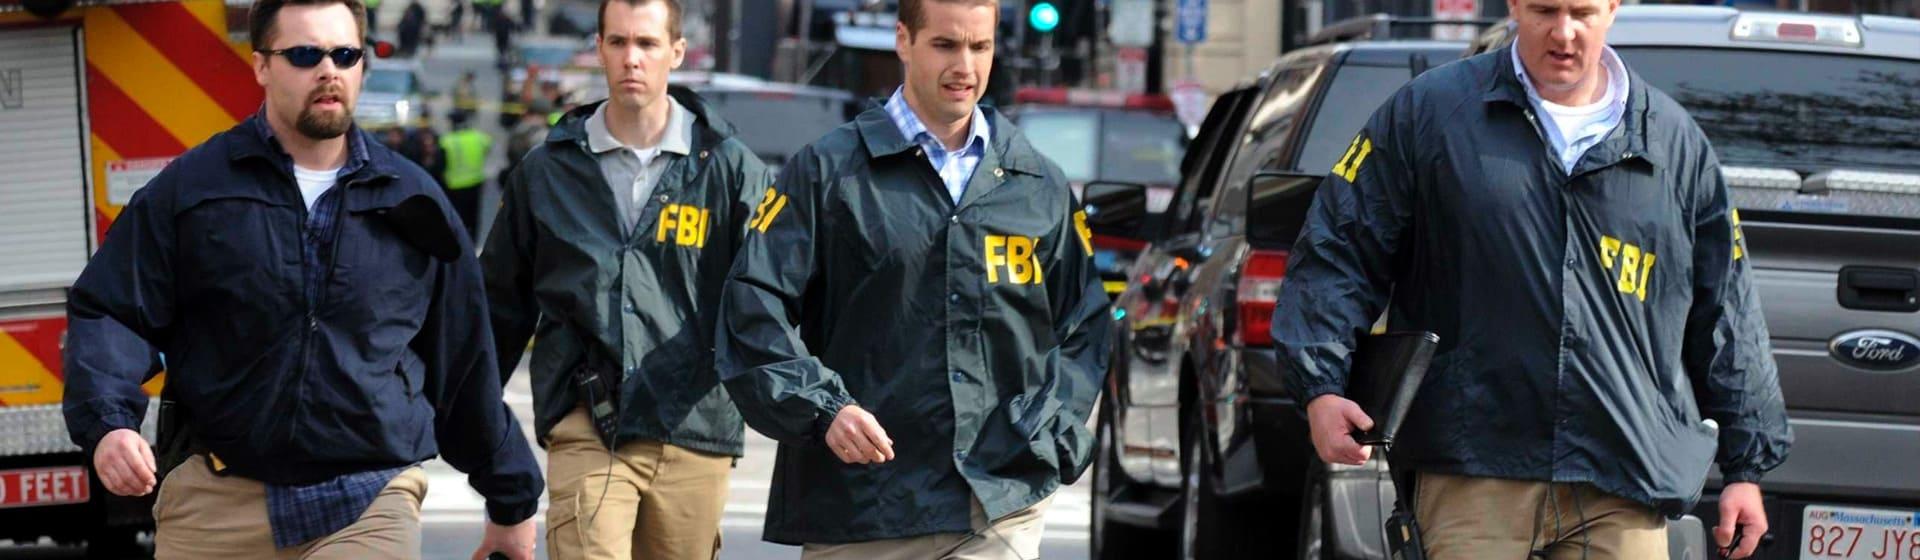 FBI - Мерч и одежда с атрибутикой